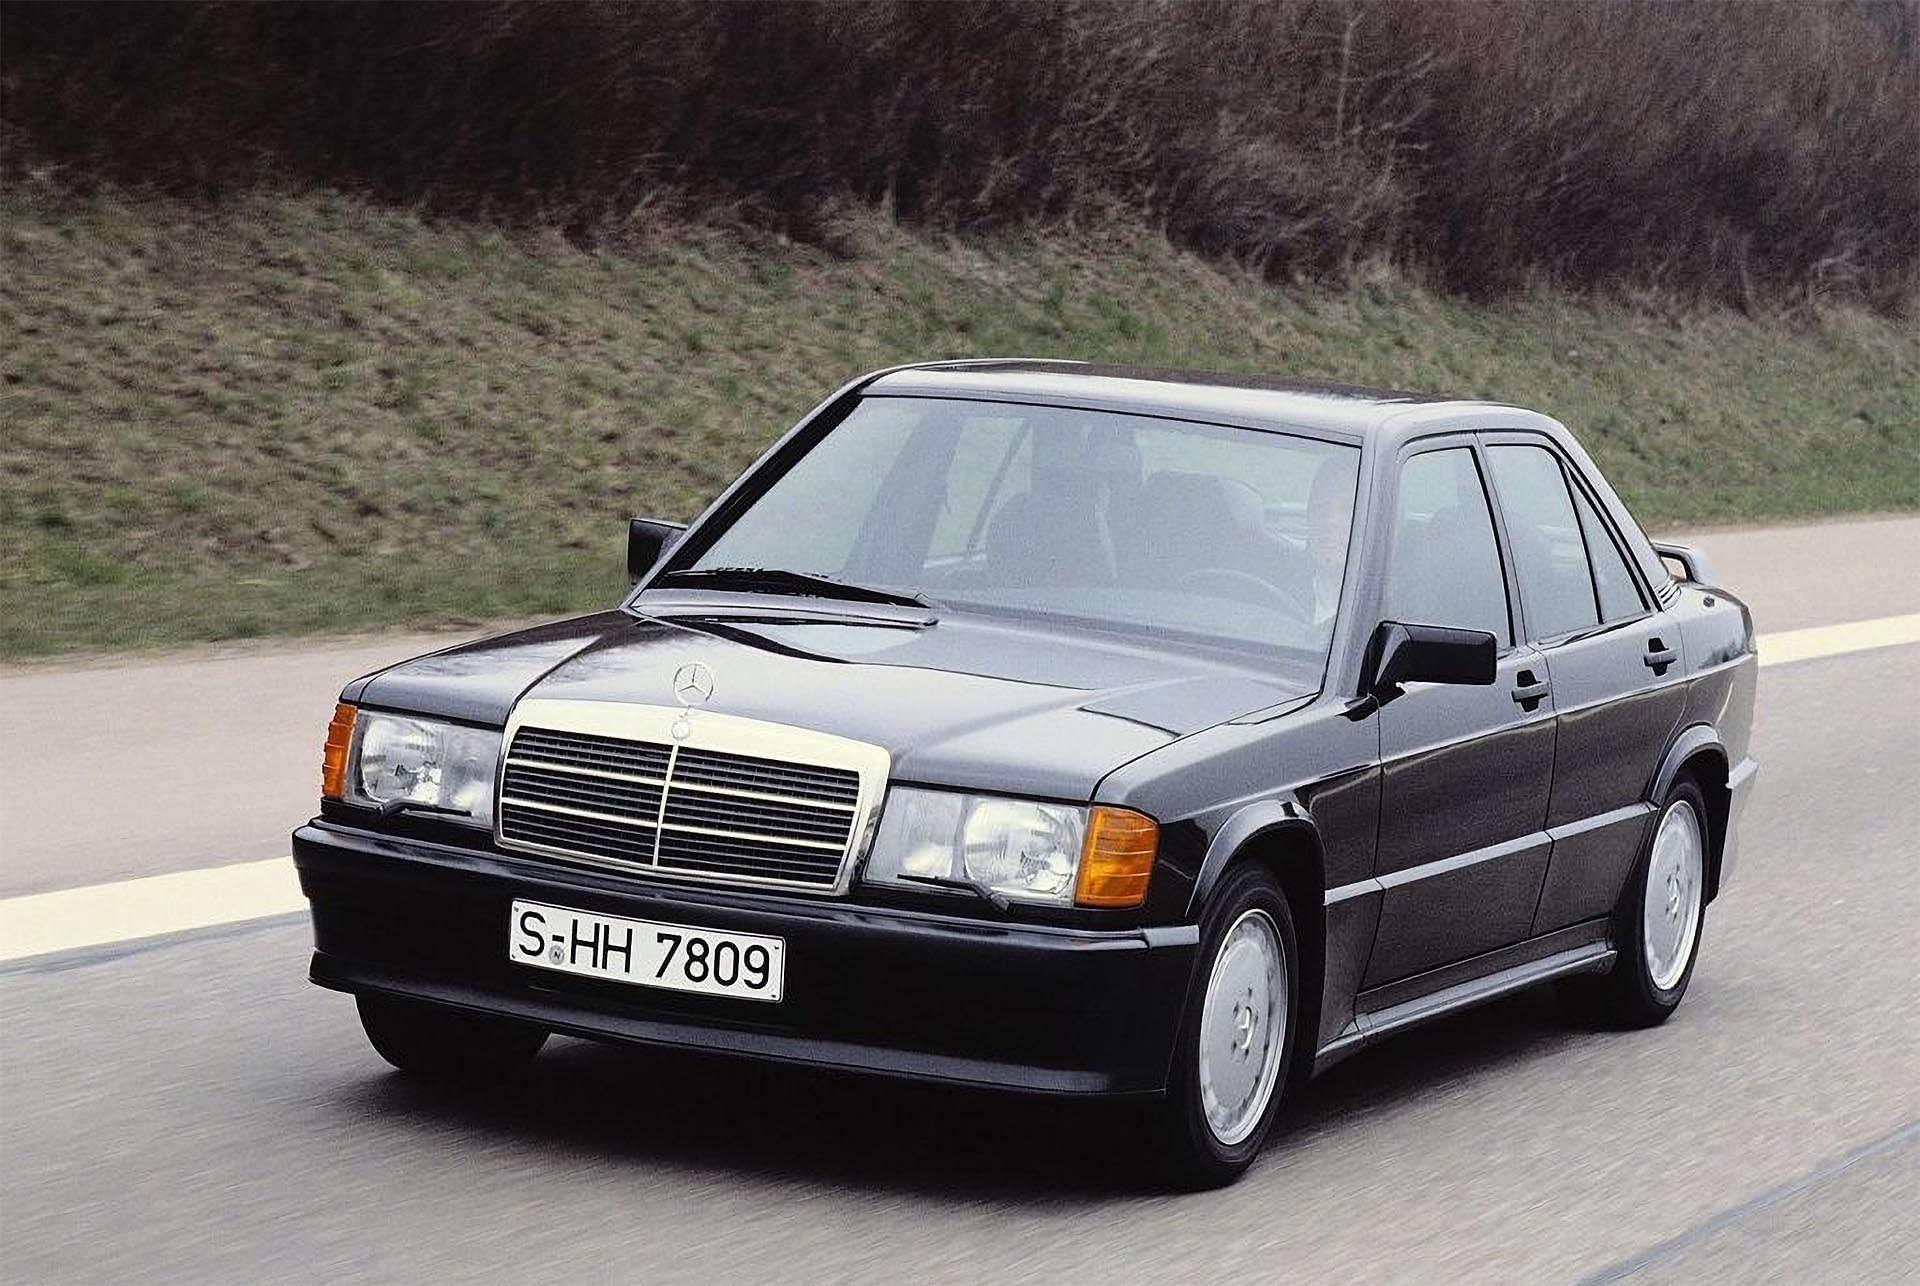 10-13_MercedesBenz190e2.3-16 front